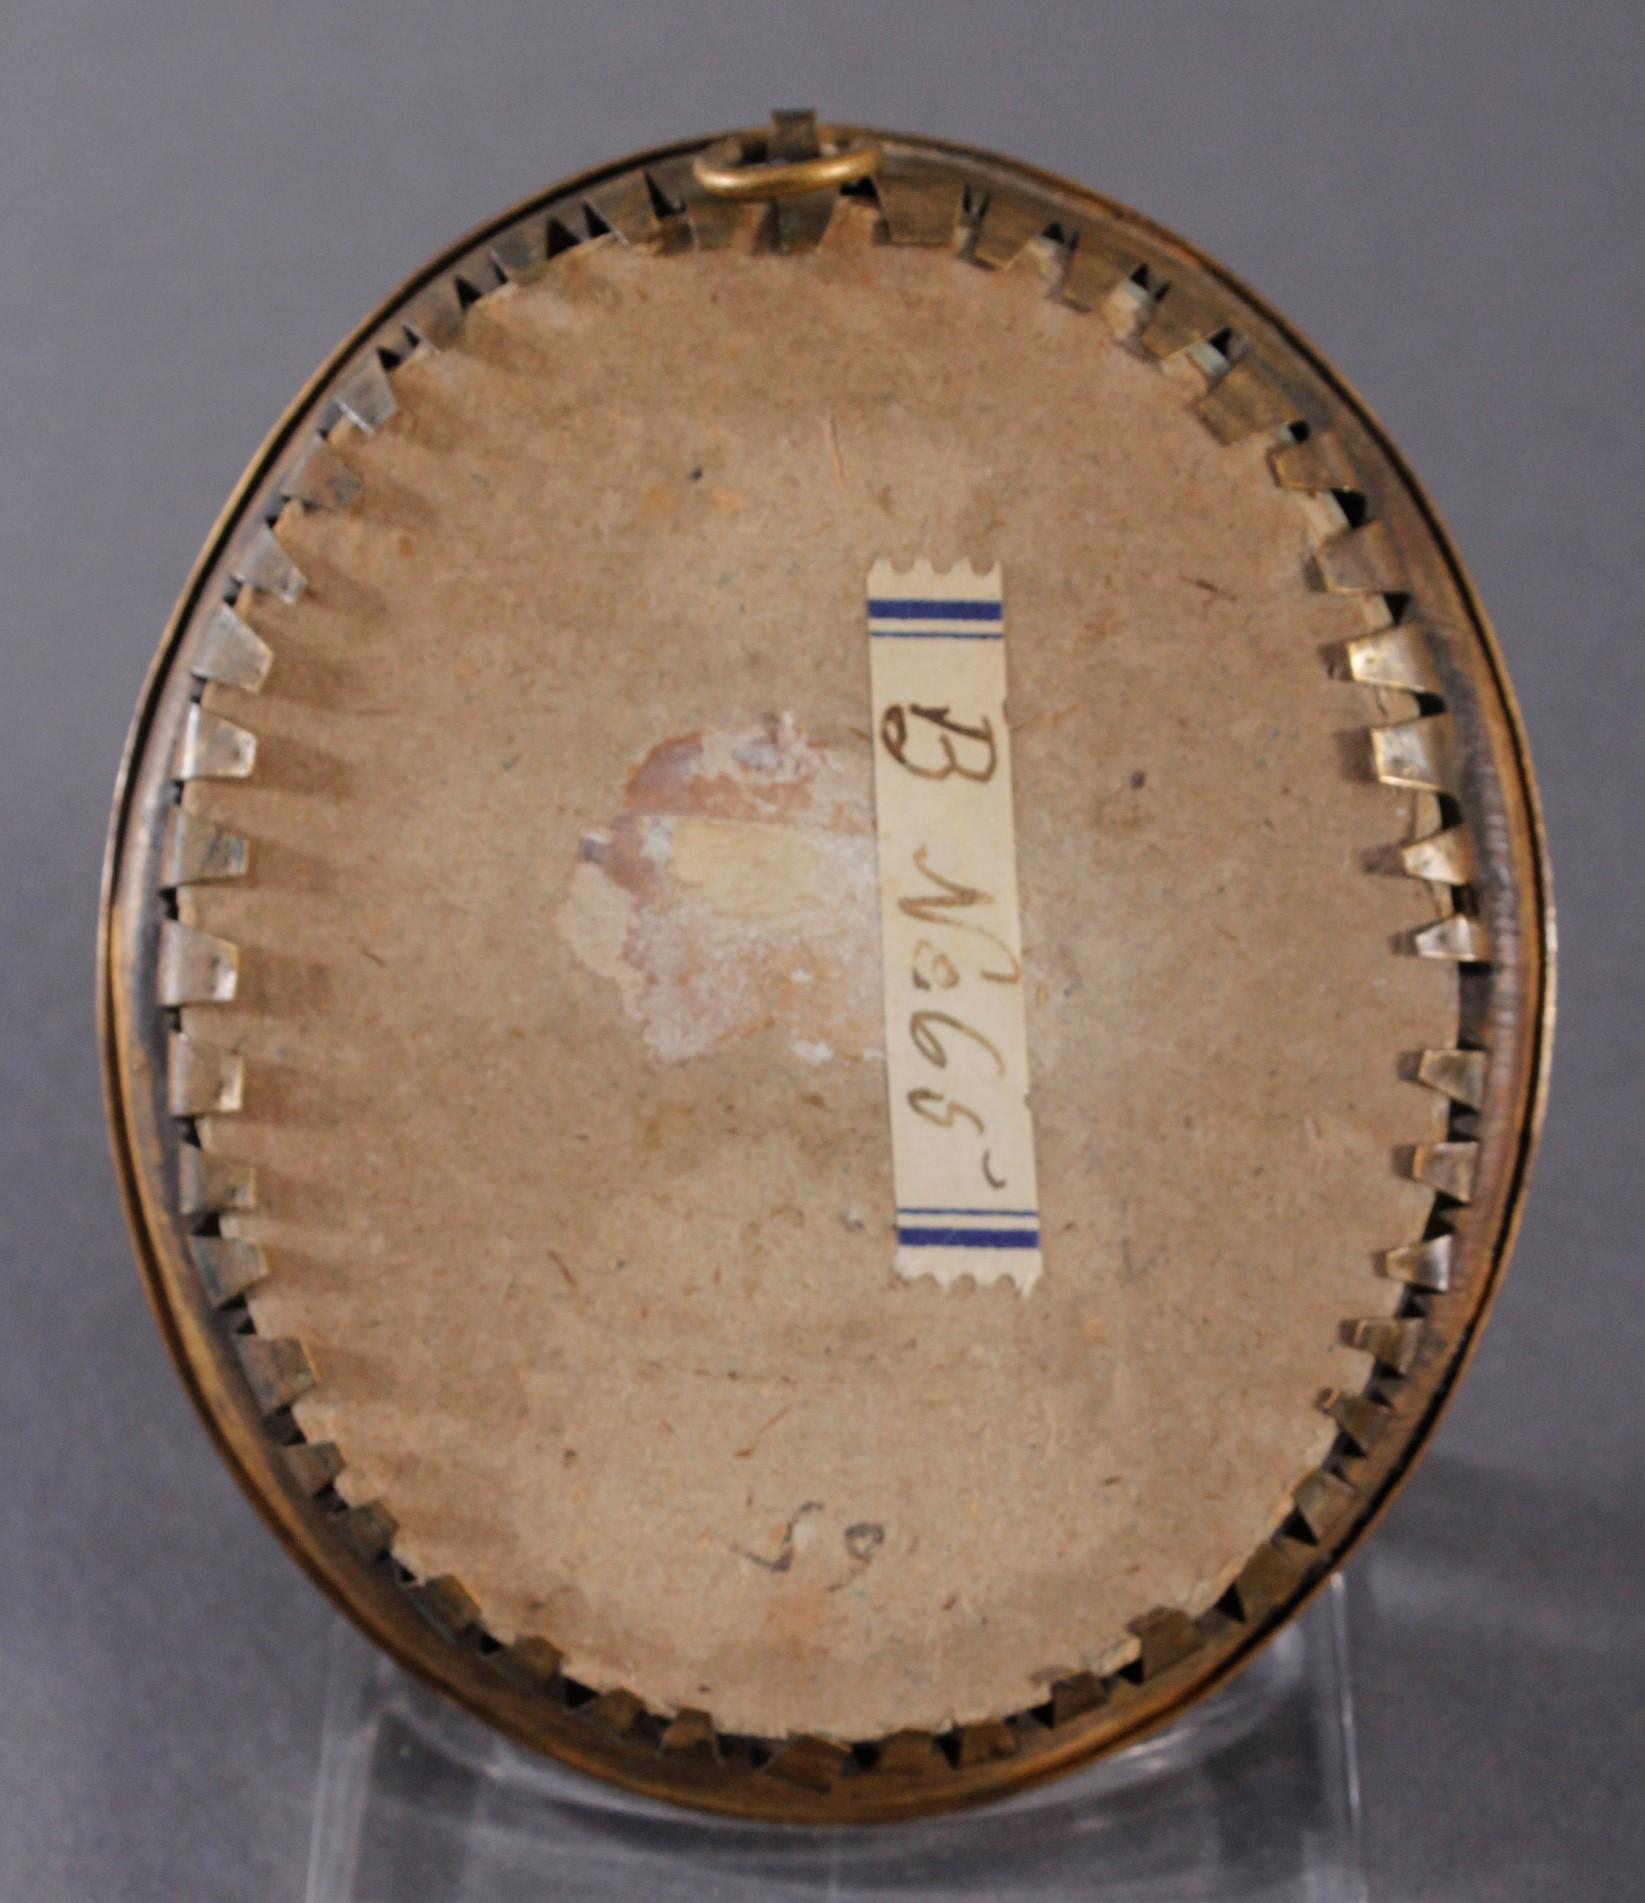 Miniaturportrait des 18. Jahrhunderts-4